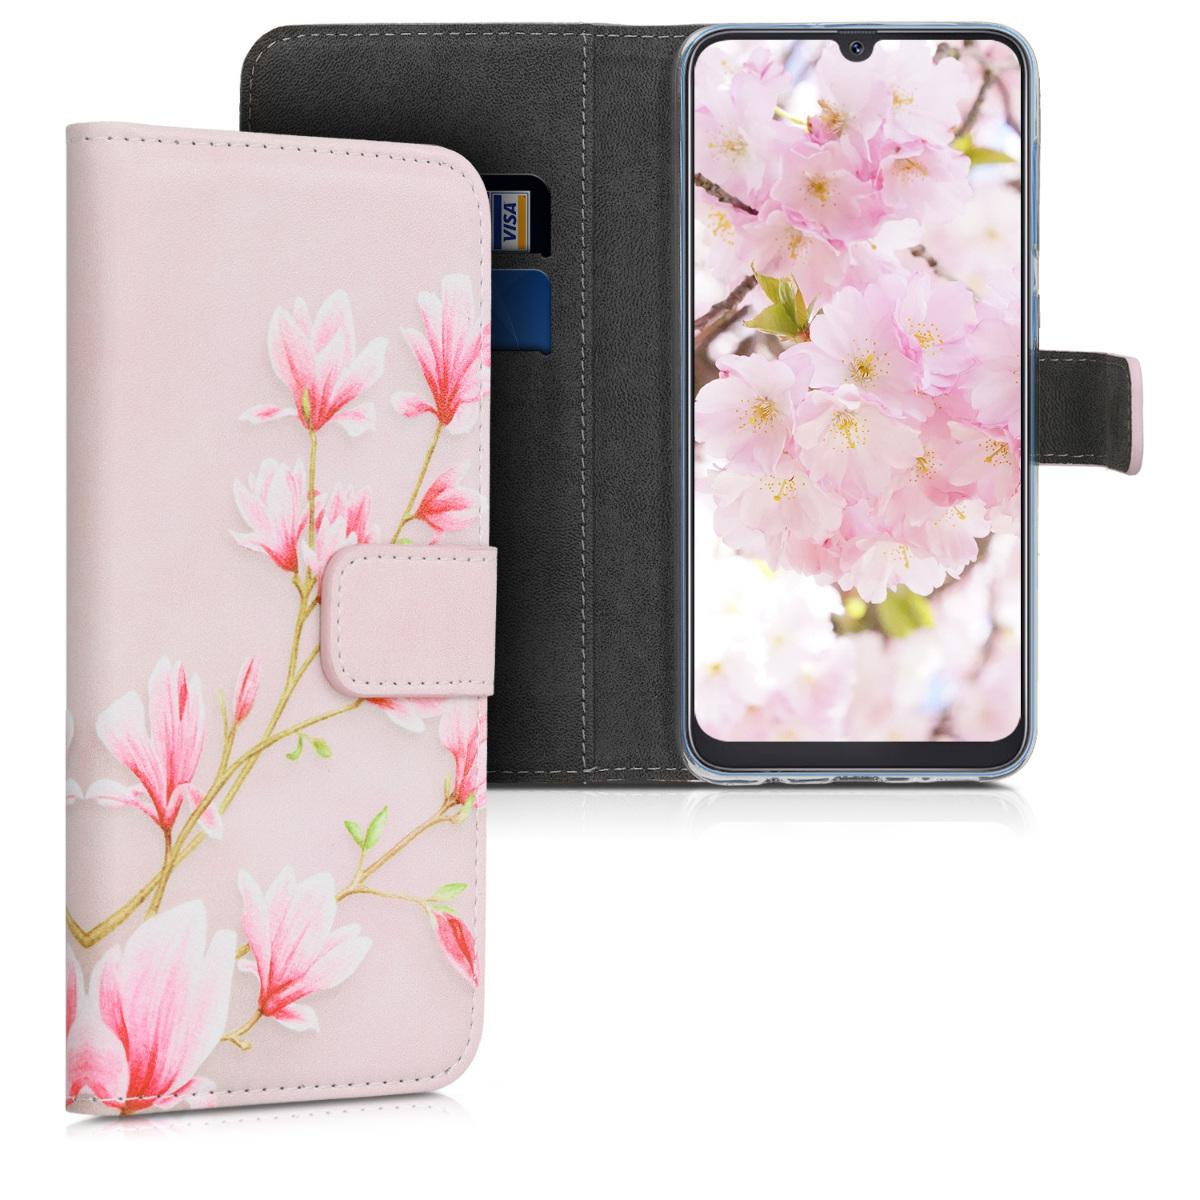 KW Θήκη - Πορτοφόλι Samsung Galaxy A50 - Light Pink / White / Dusty Pink (48062.04)